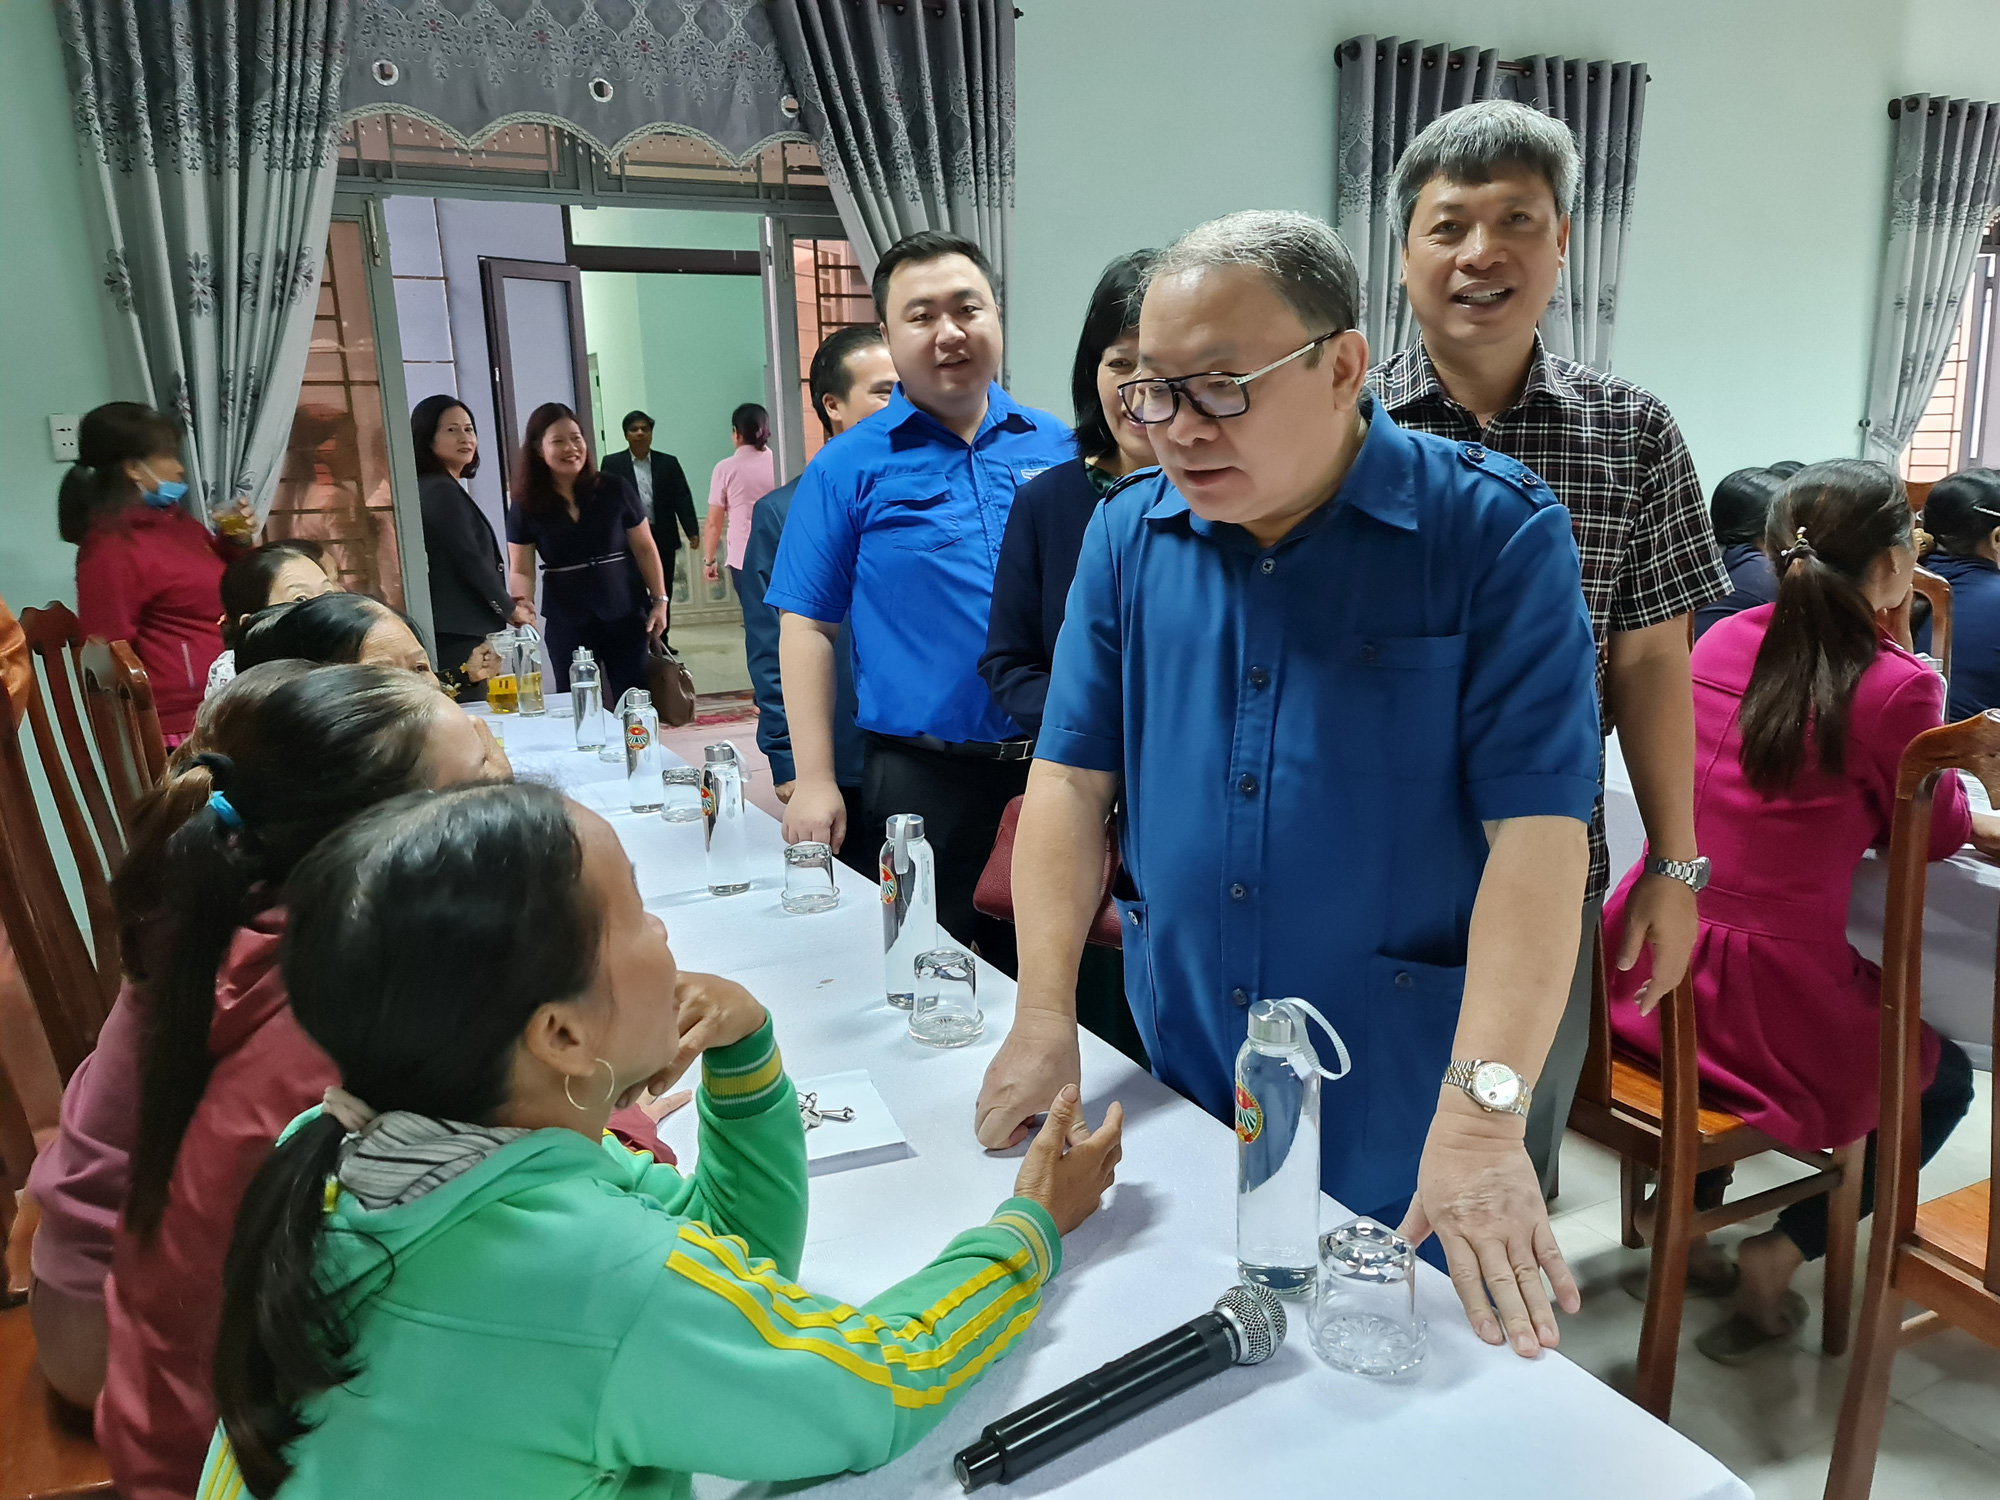 Chủ tịch TƯ Hội Nông dân Việt Nam trao 1.543 bộ đồ dùng thiết yếu cho nữ hội viên Quảng Nam - Ảnh 2.